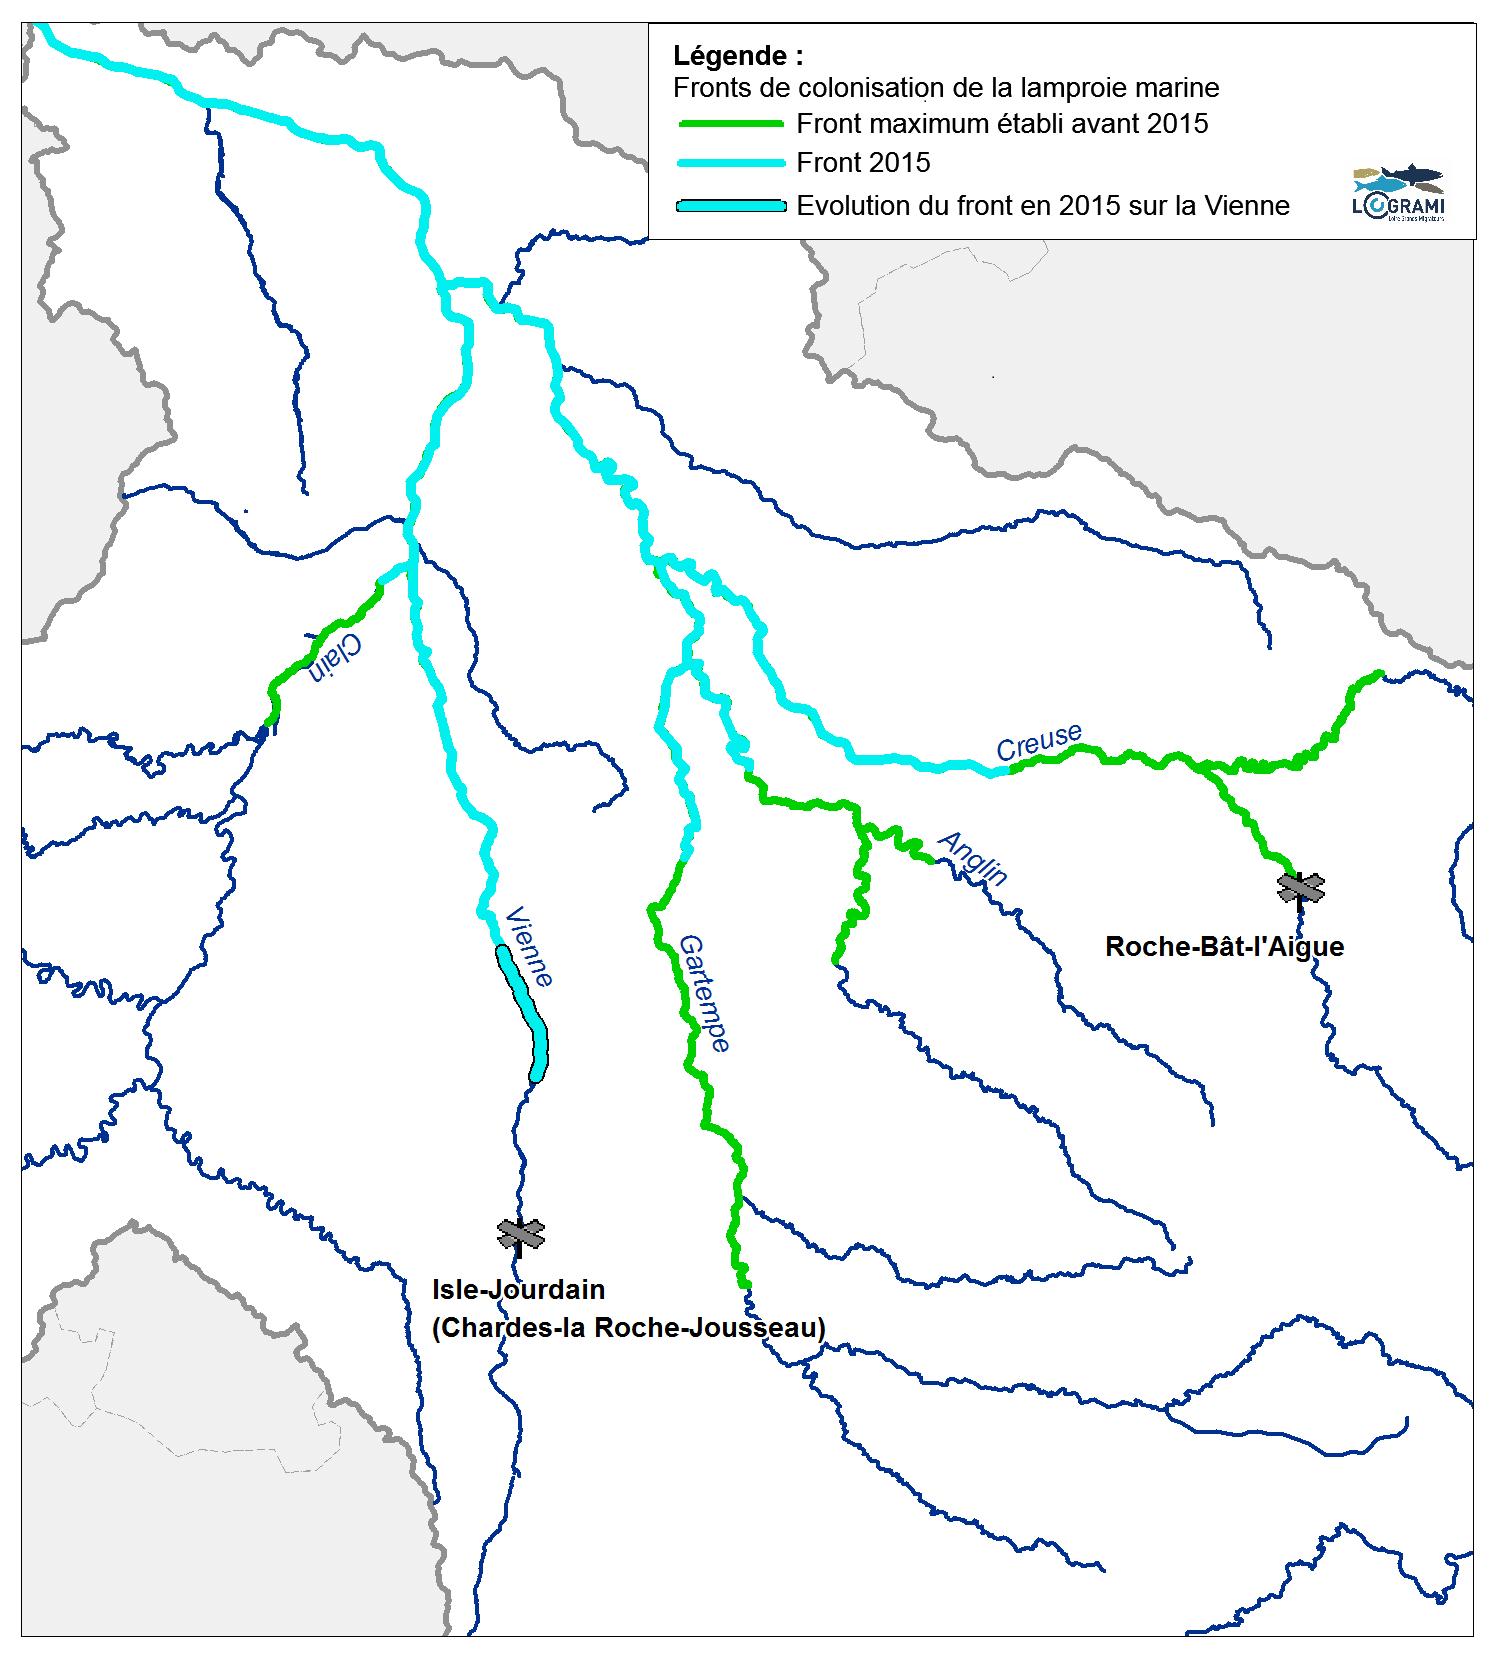 Fronts de colonisation de la lamproie marine sur le bassin Vienne en 2015